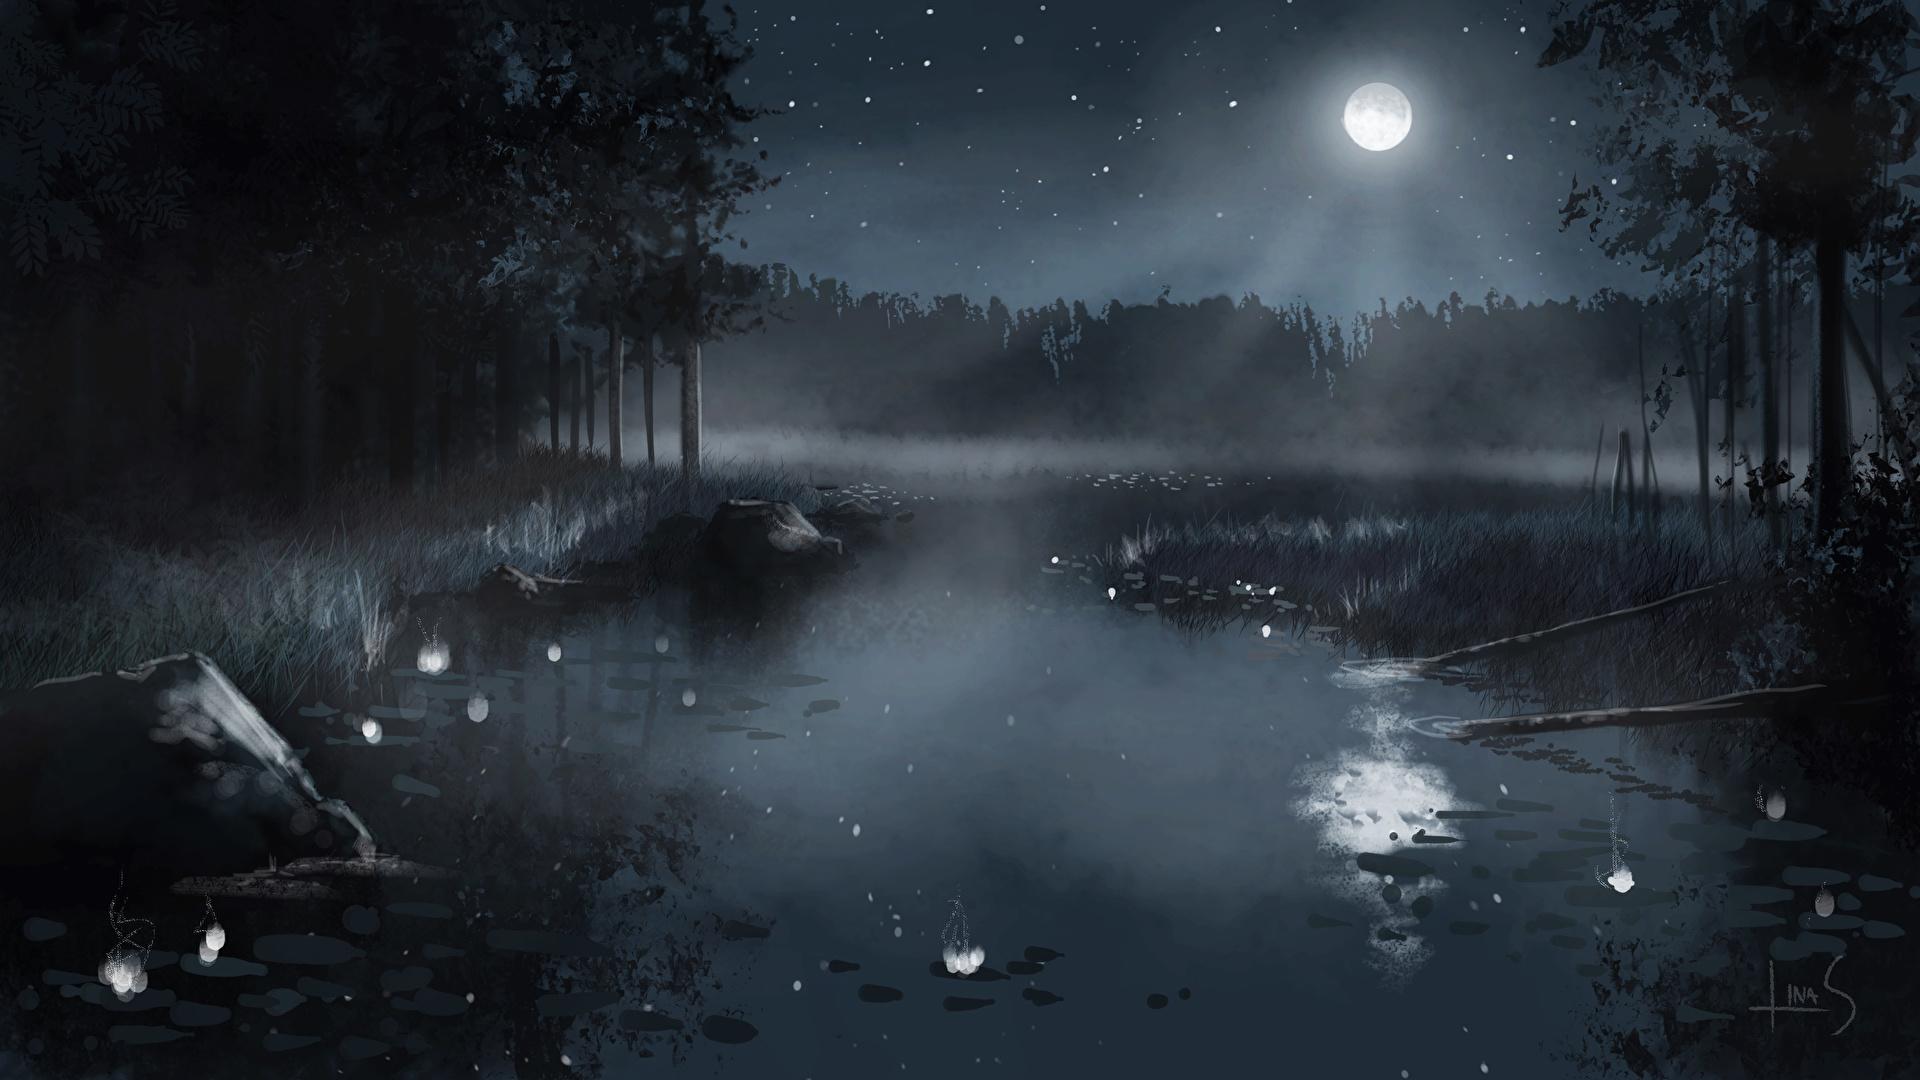 壁紙 19x1080 池 描かれた壁紙 夜 月 自然 ダウンロード 写真